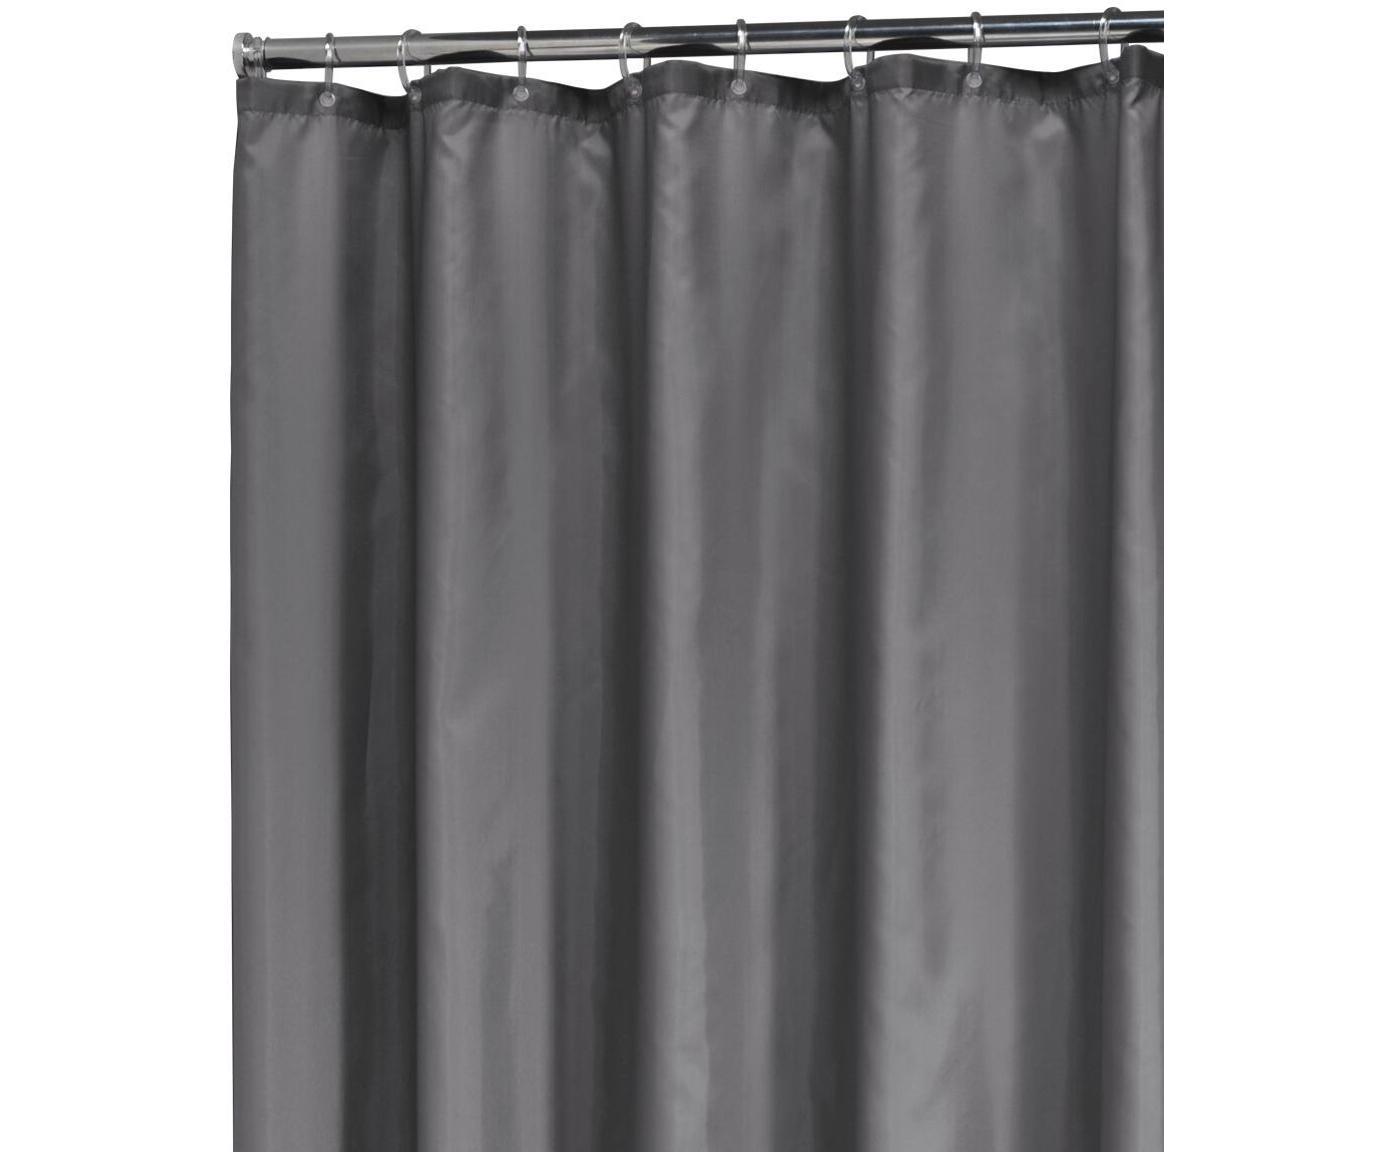 Zasłona prysznicowa Madeira, Poliester Produkt odporny na wilgoć, niewodoodporny, Ciemny szary, S 180 x D 200 cm